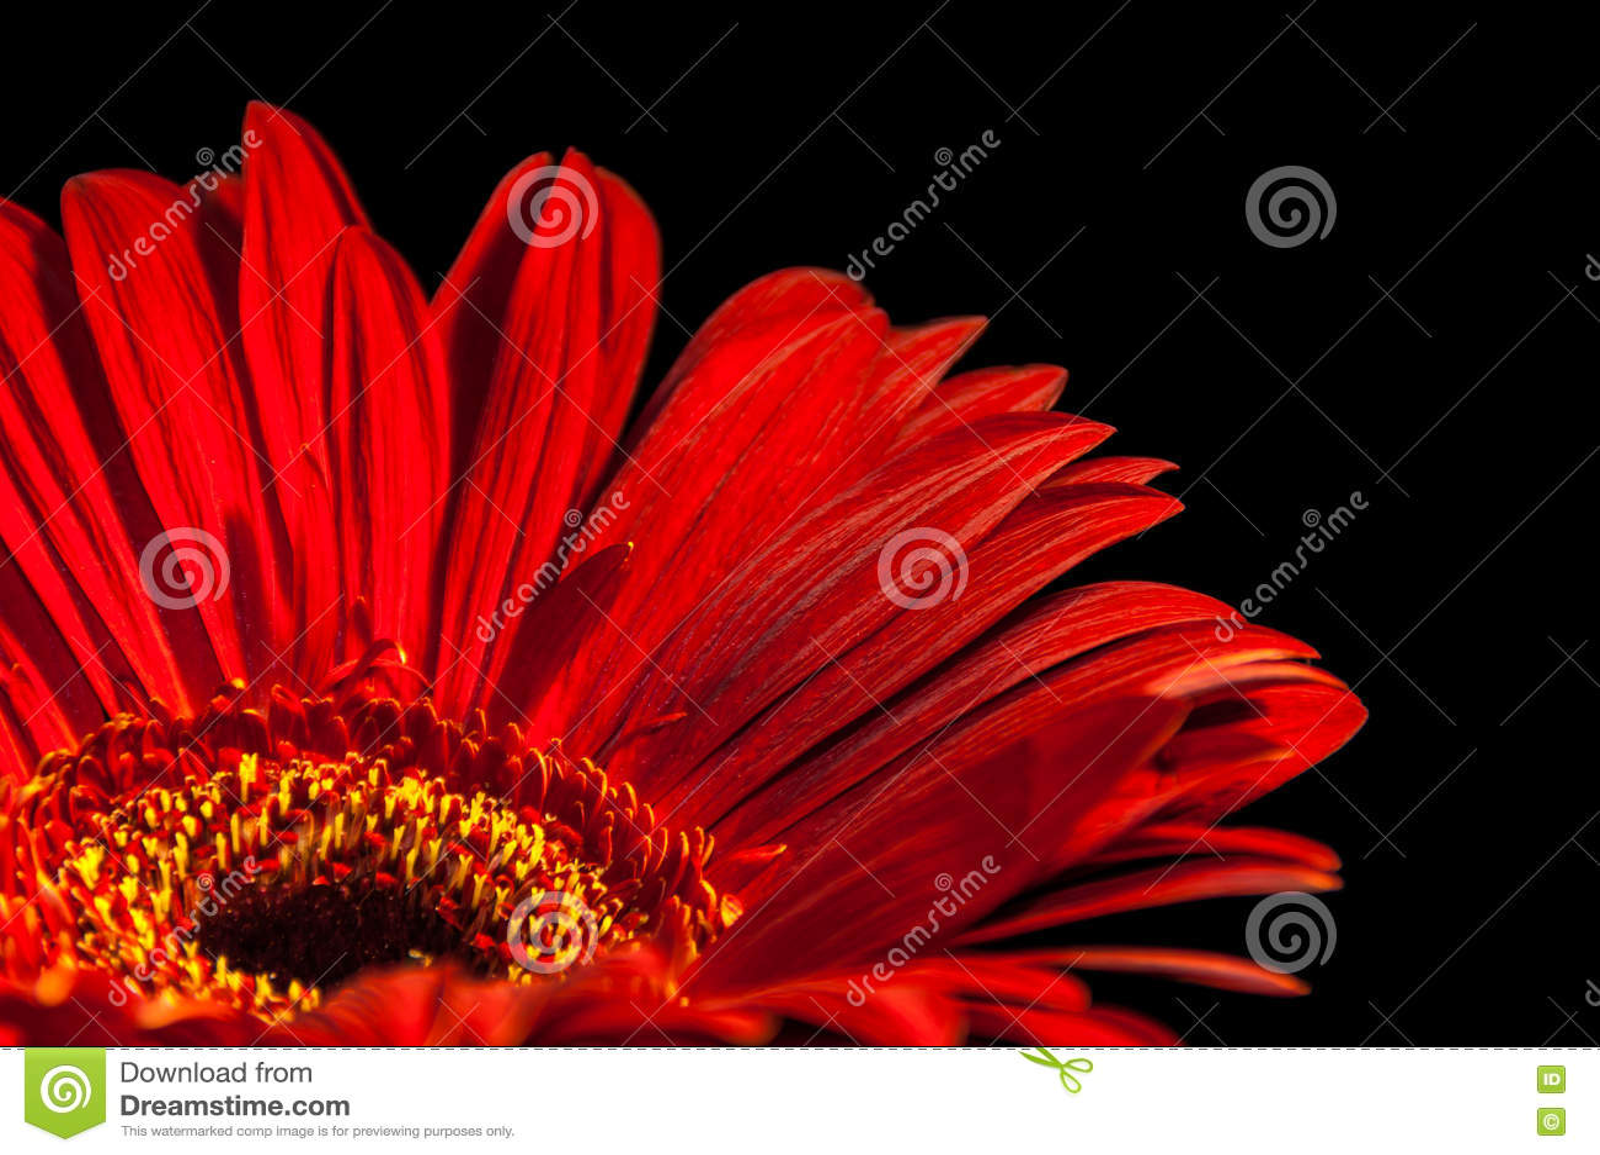 daisy black single women 25 gratifying daisy tattoos by nisha patel  women can wear a daisy piece on their leg,  black daisy on ribs.